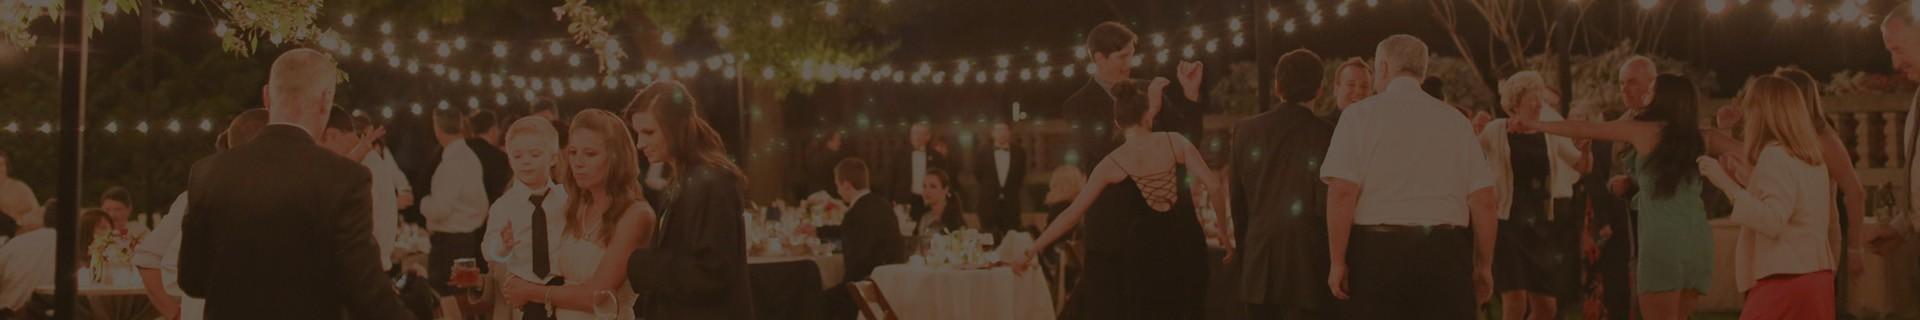 Esküvői menü, esküvői csomagajánlat Monor